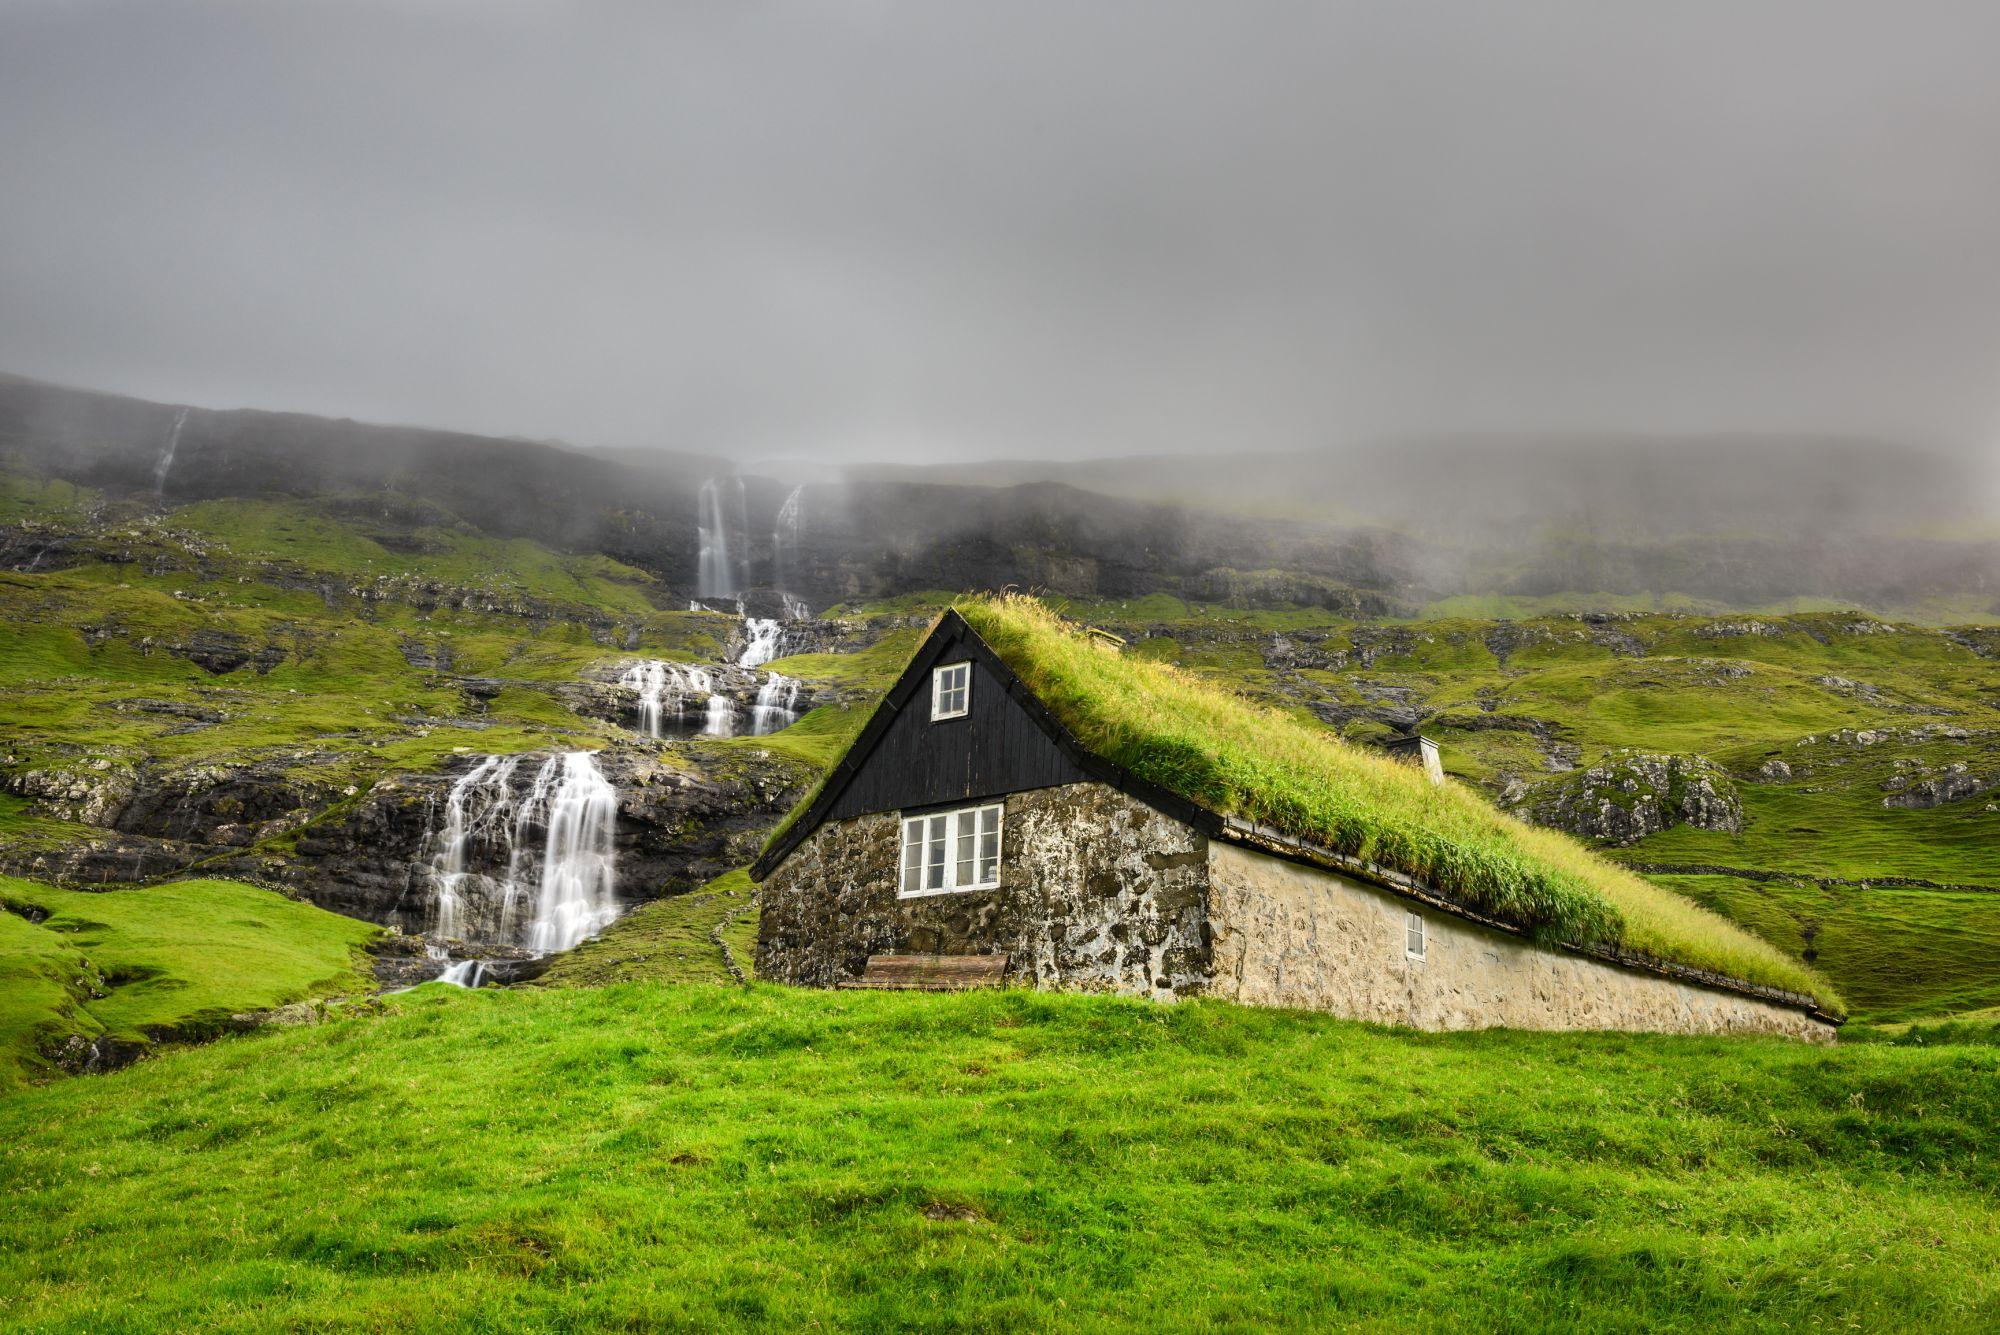 Dom na Wyspach Owczych